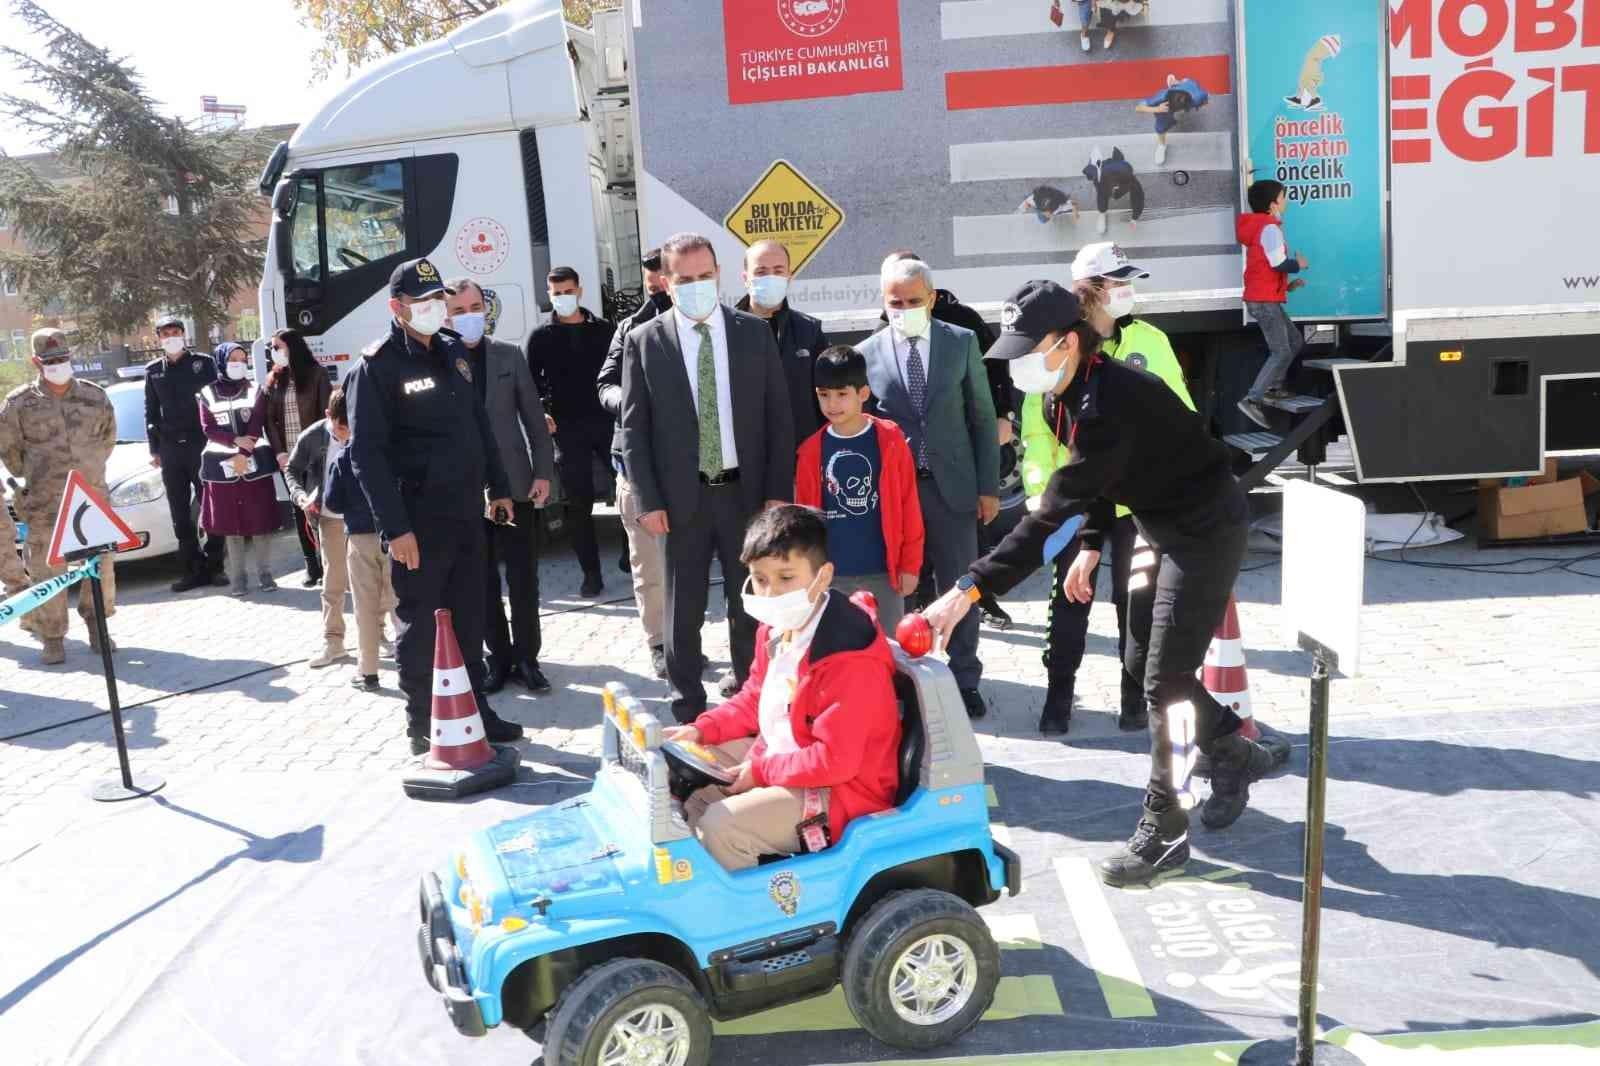 Mobil trafik eğitim tırı Hakkari'de #hakkari